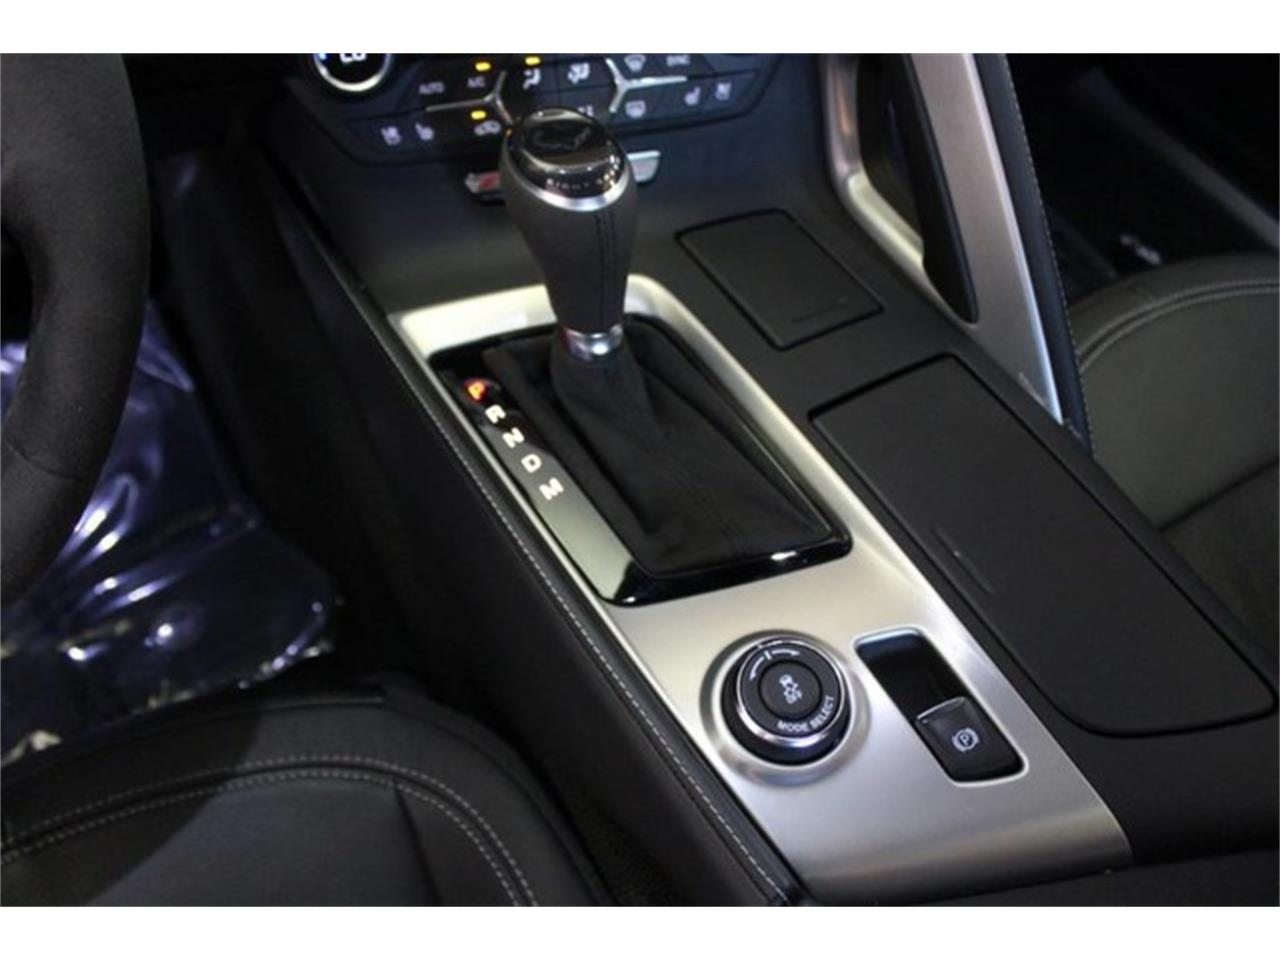 2018 Chevrolet Corvette (CC-1227327) for sale in Anaheim, California